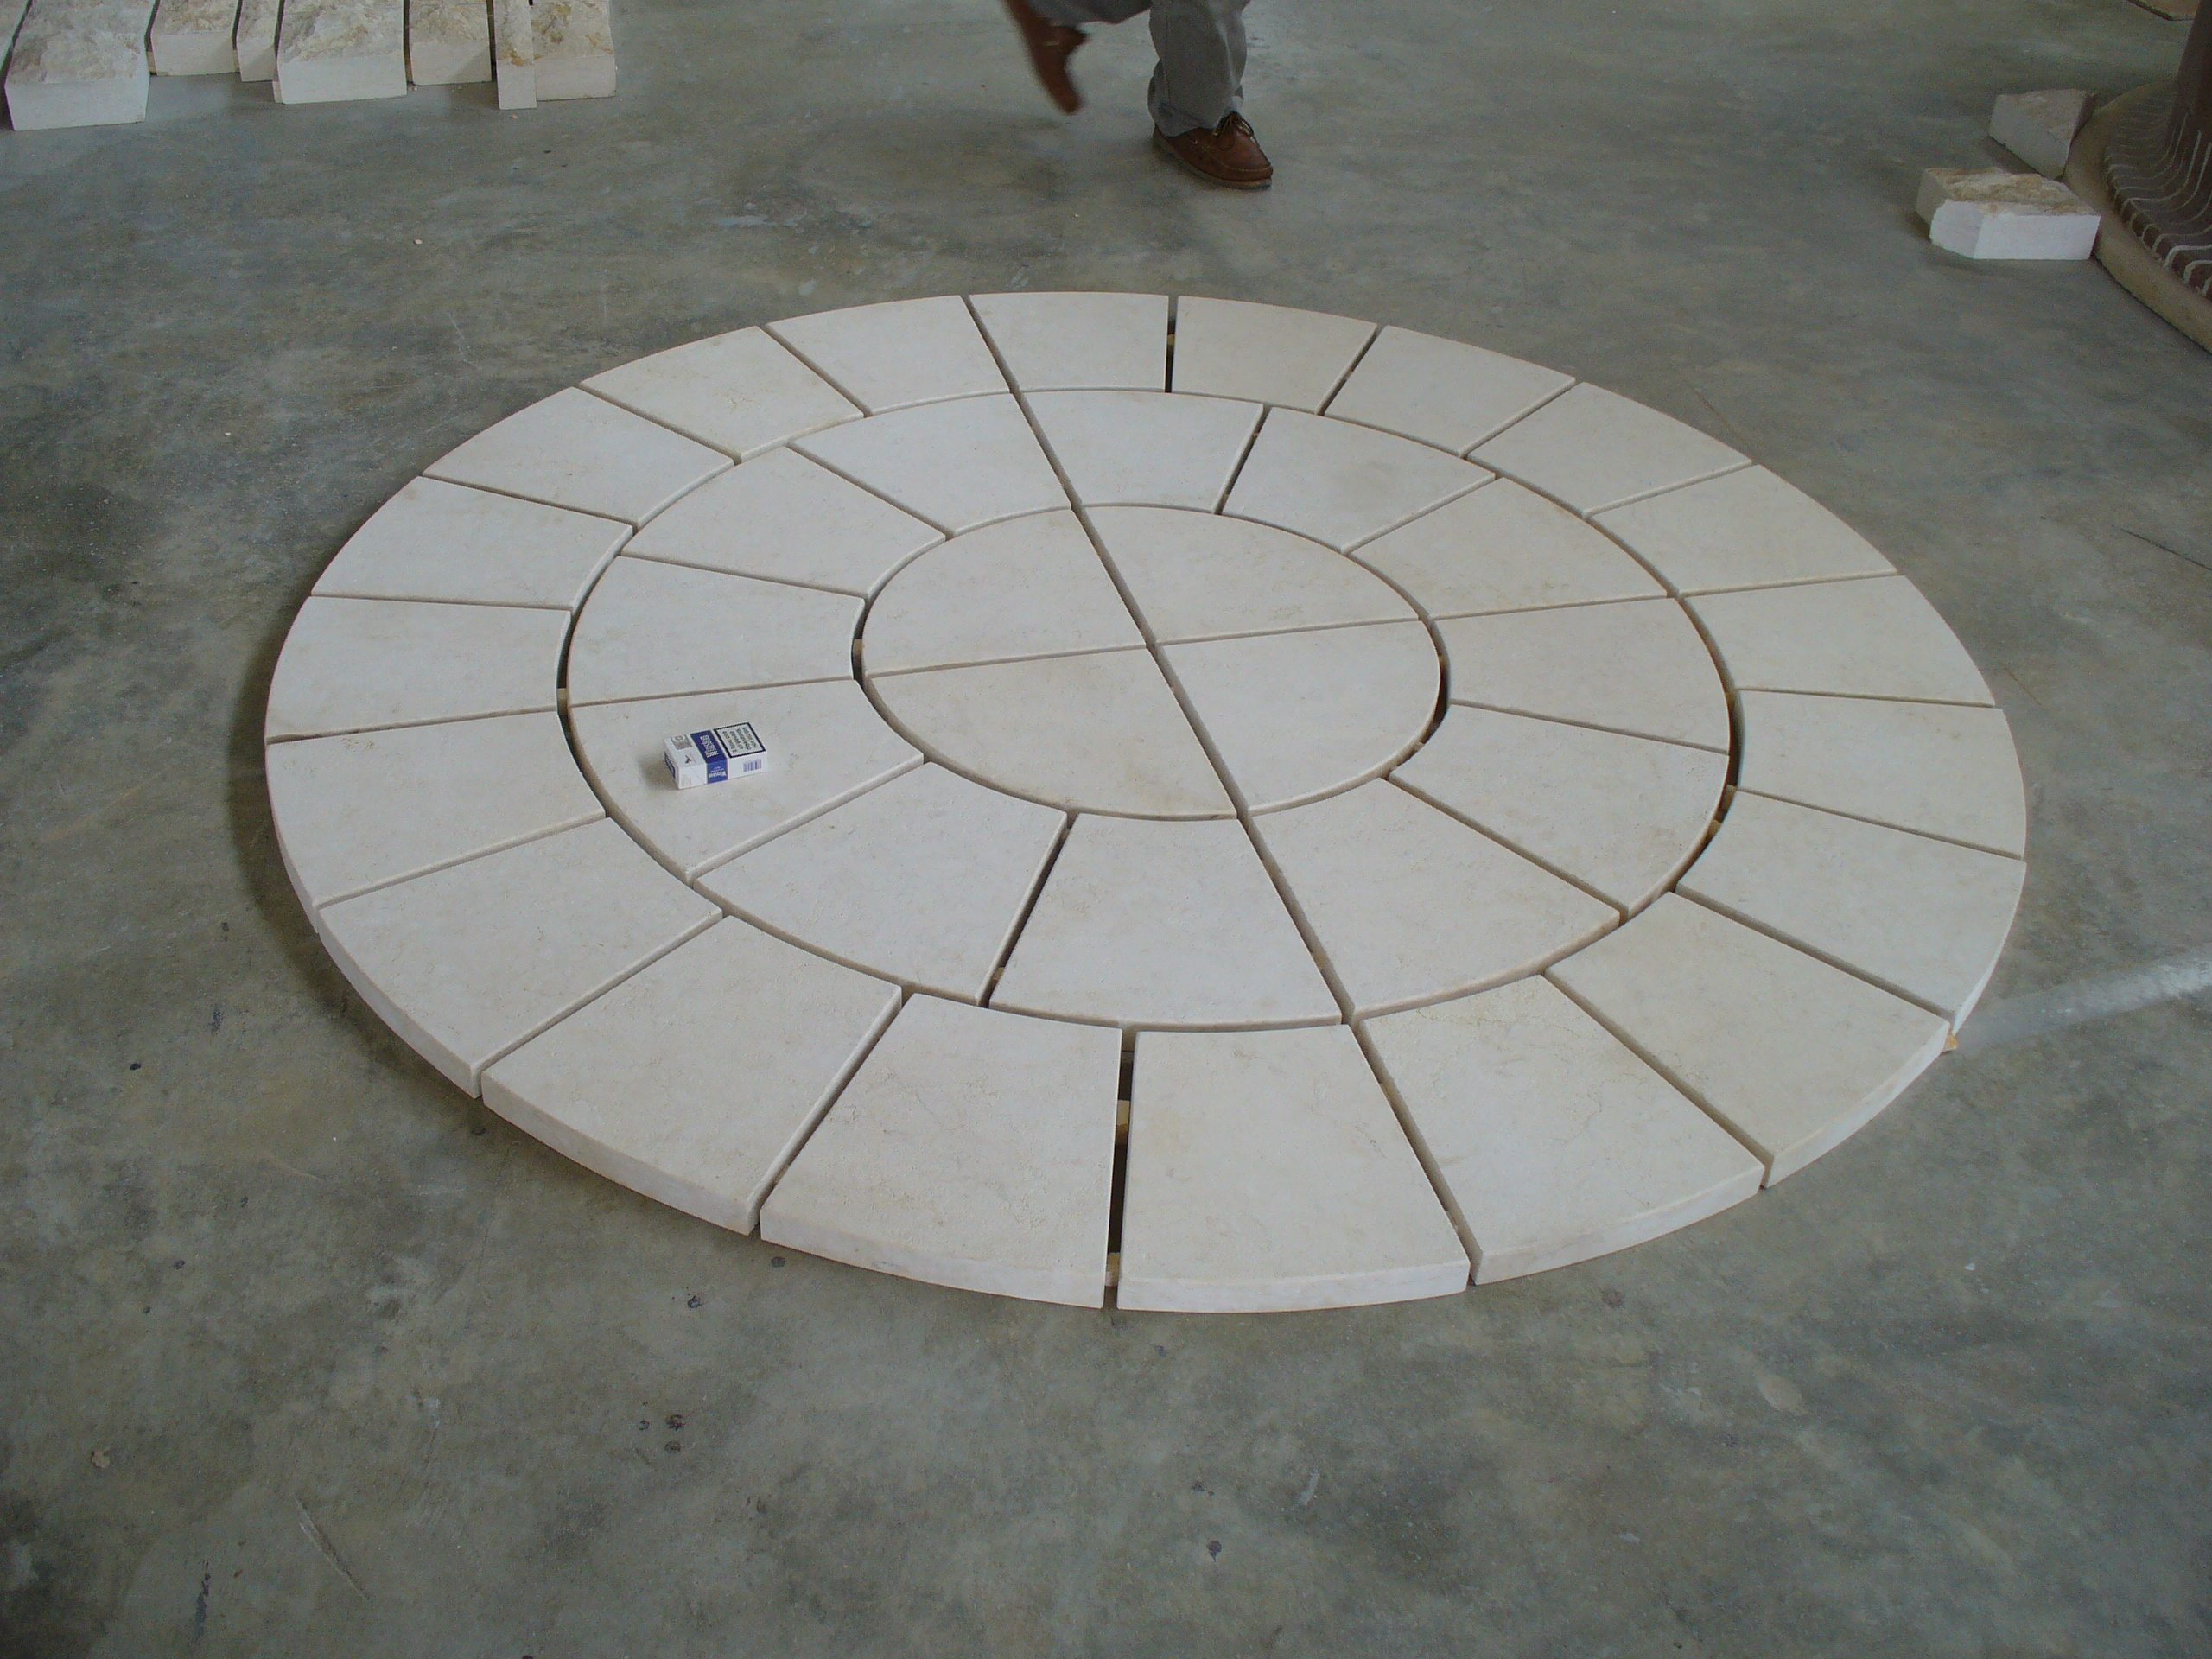 Circular marble floor pavers